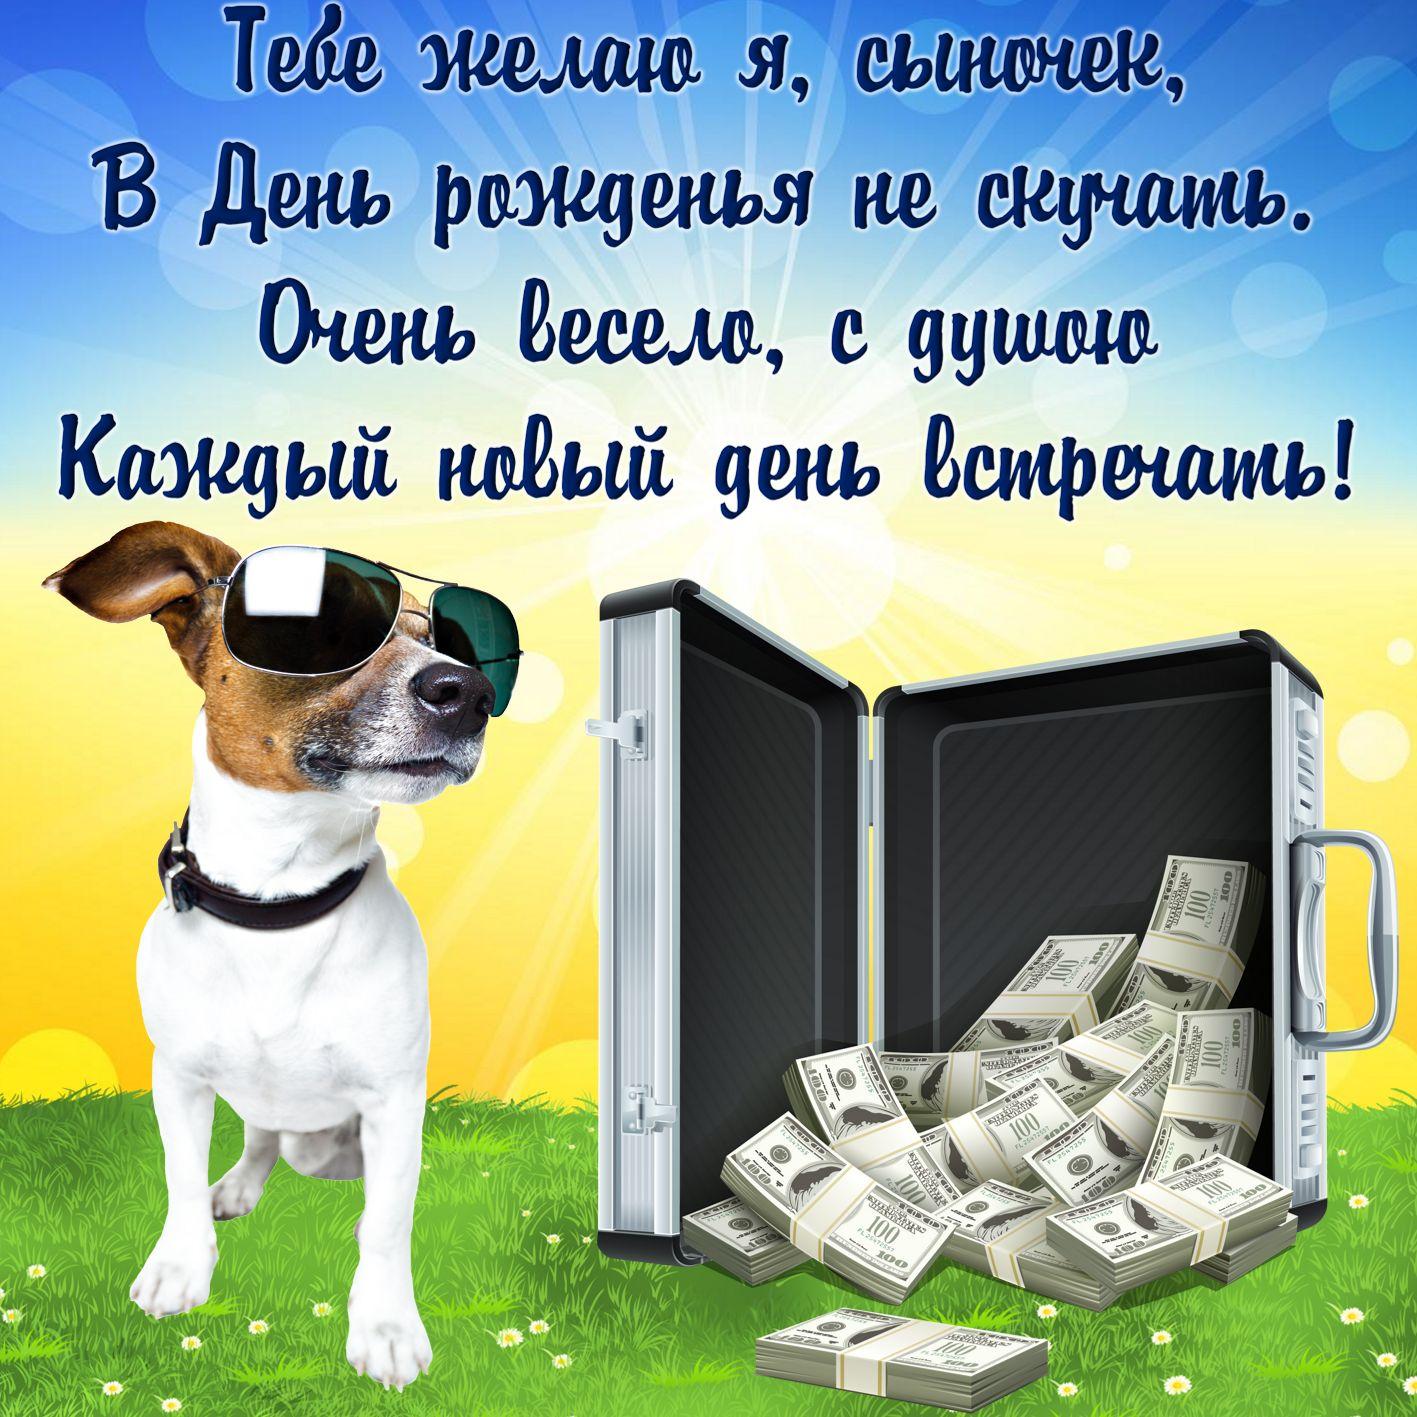 Открытка на День рождения сыну - чемодан с долларами и собачка в очках